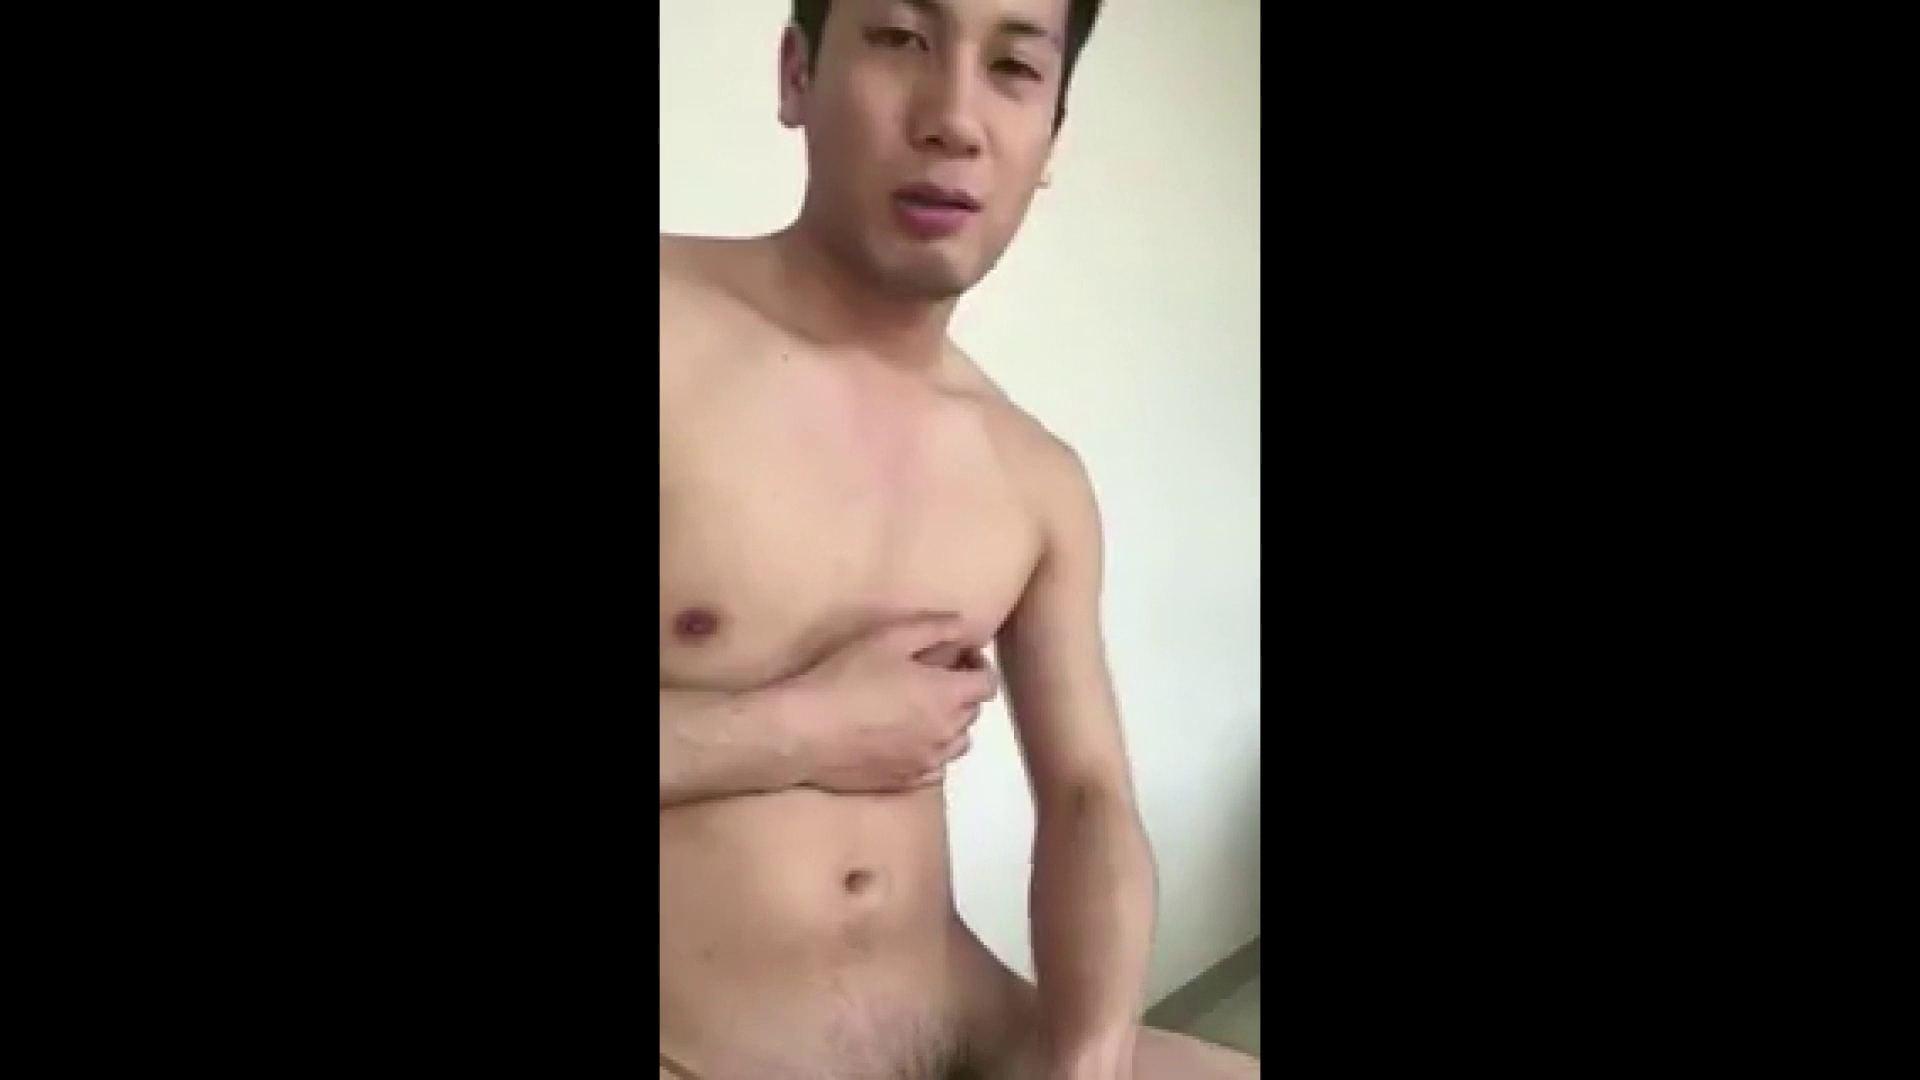 個人撮影 自慰の極意 Vol.5 個人撮影 ゲイエロ動画 115枚 50